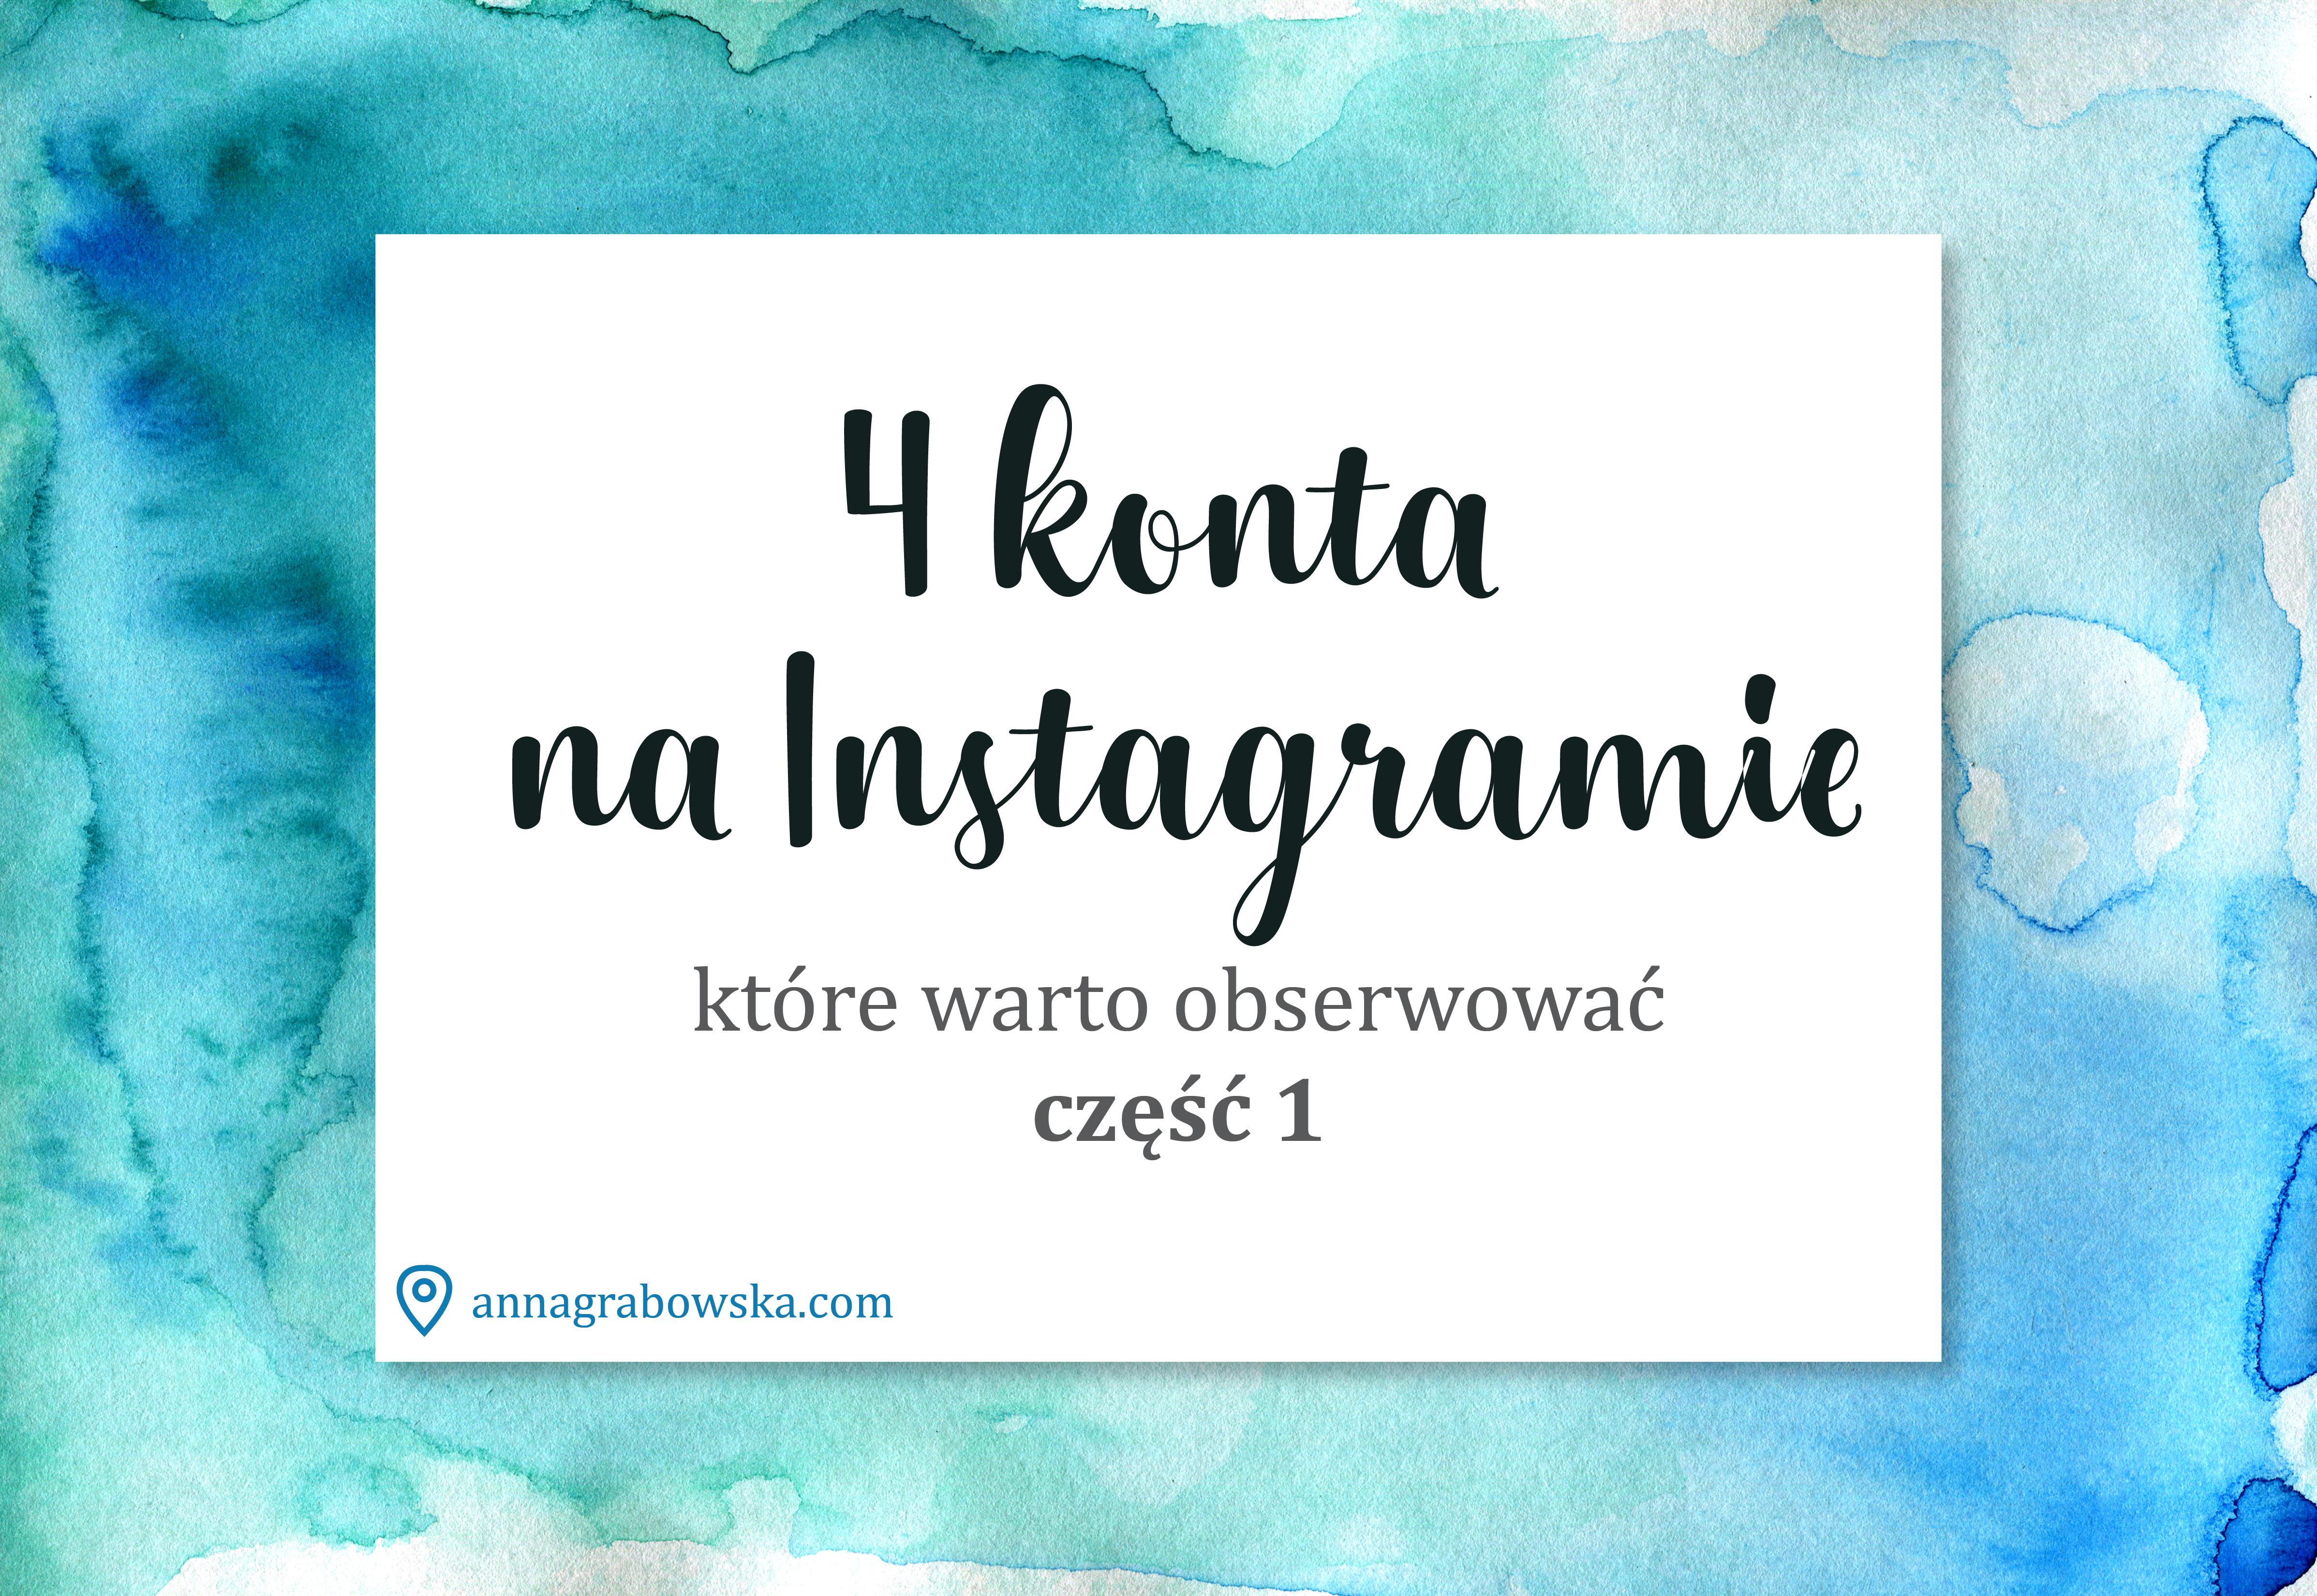 4 konta na Instagramie, które warto obserwować